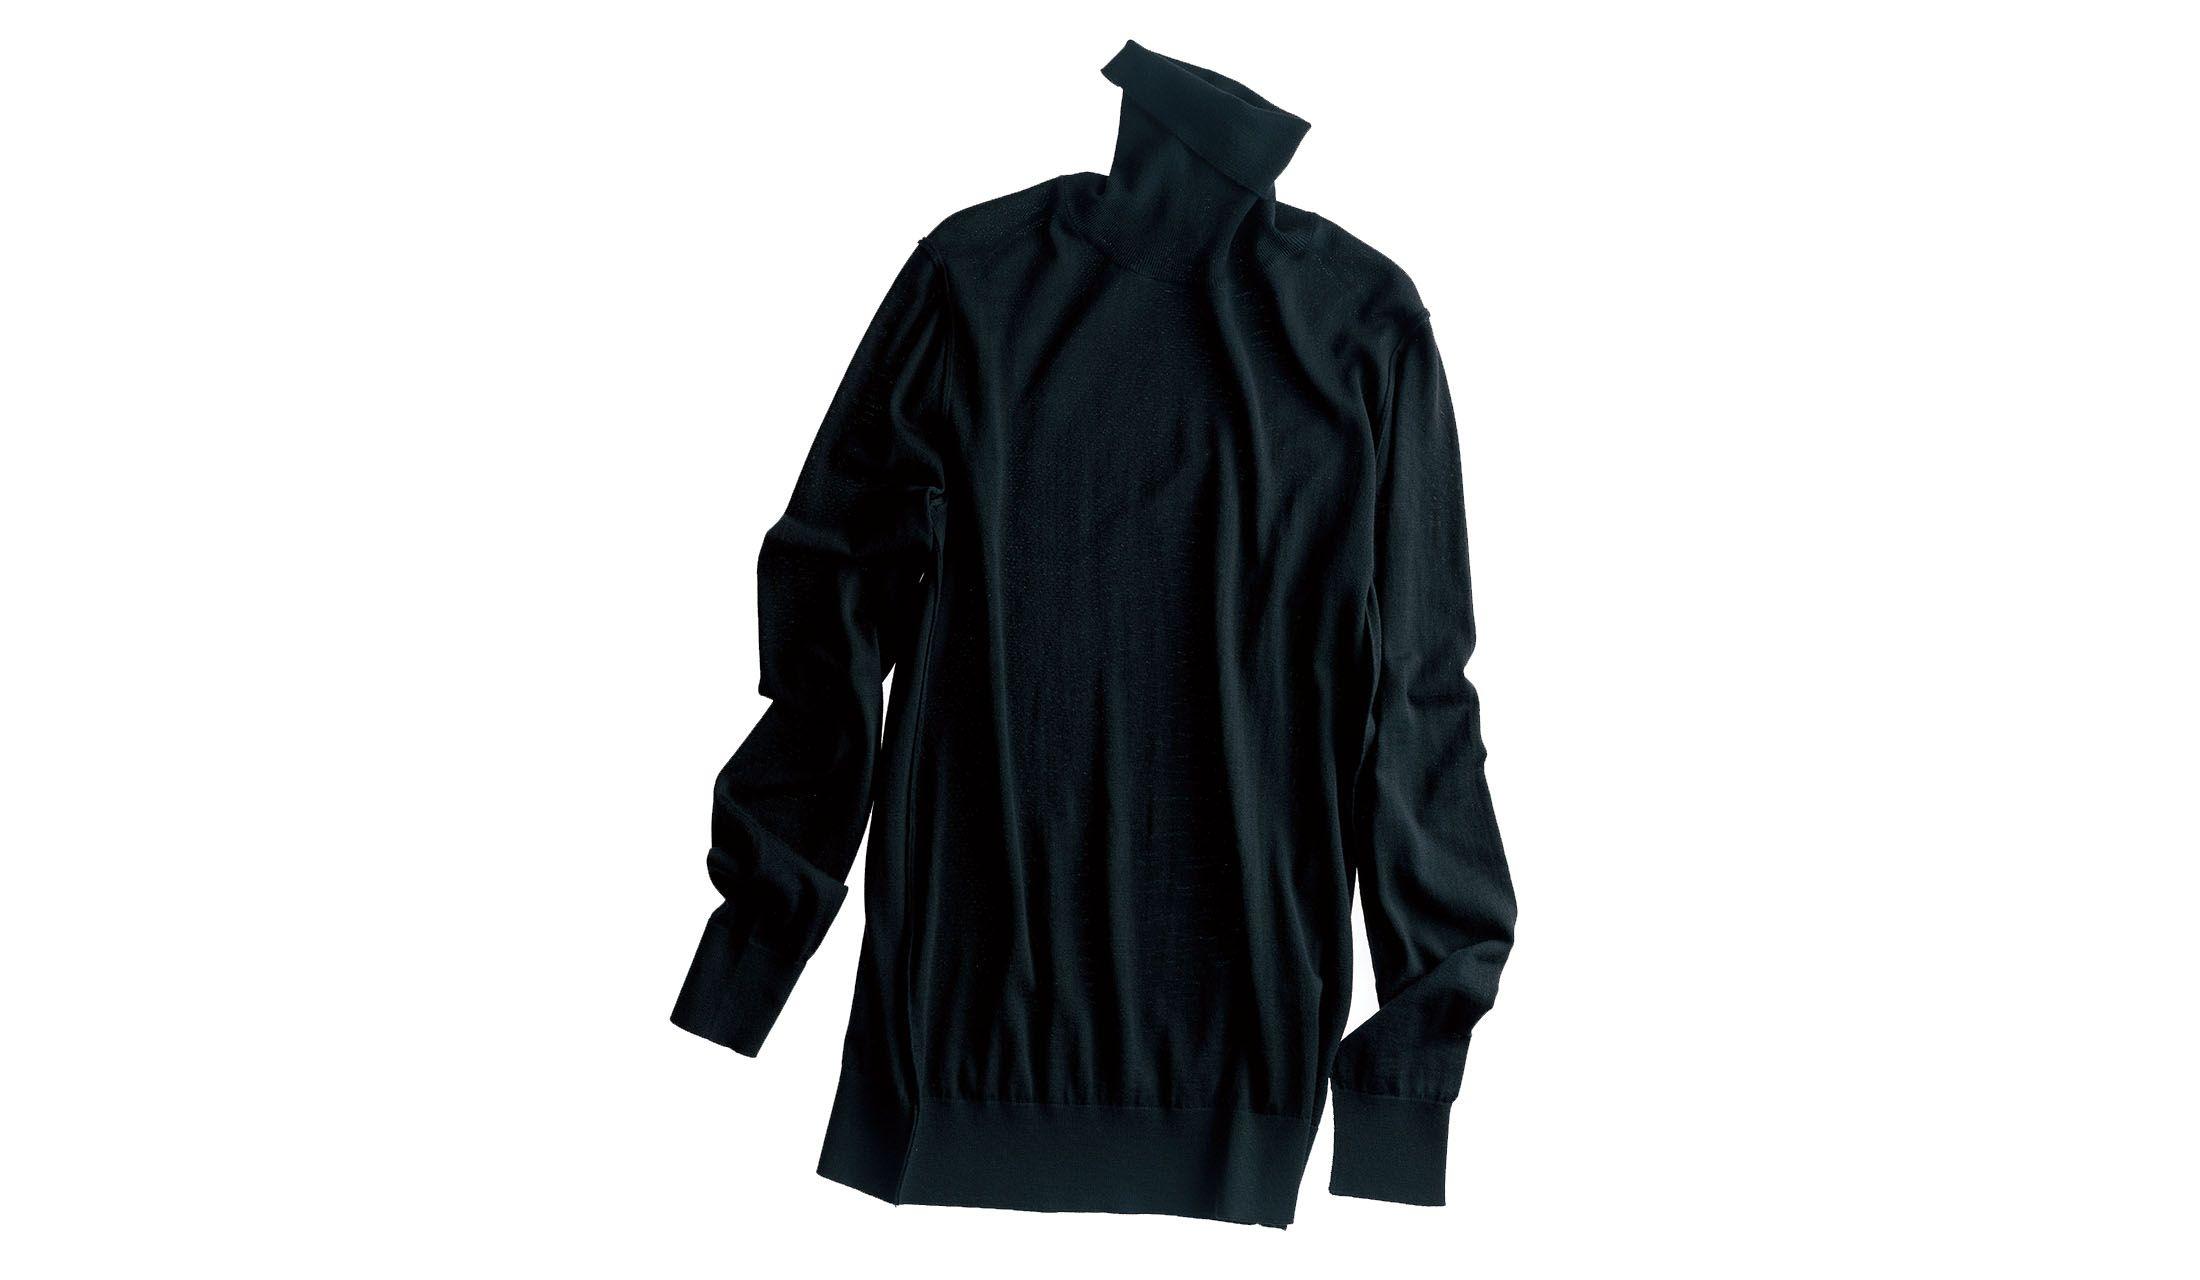 ドルチェ&ガッバーナのタートルネックセーター